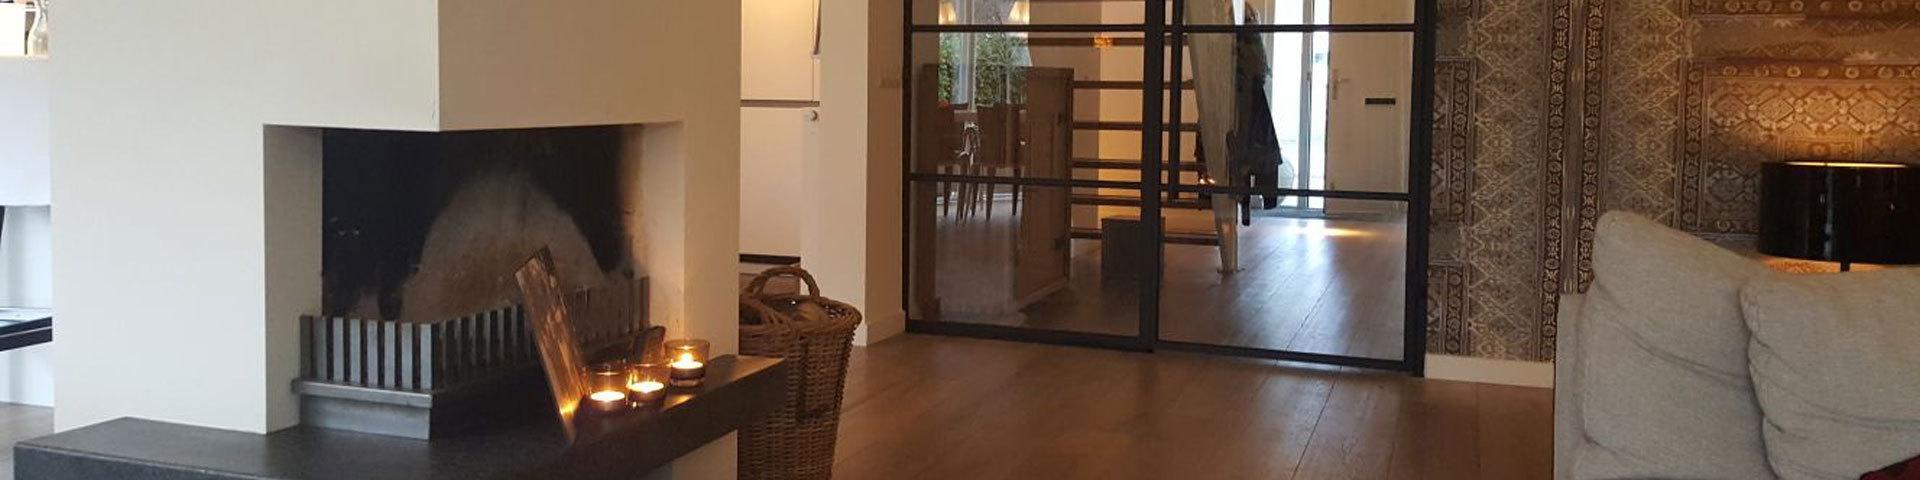 Modern Interieur Alphen Aan Den Rijn Mp Glashandel Passie